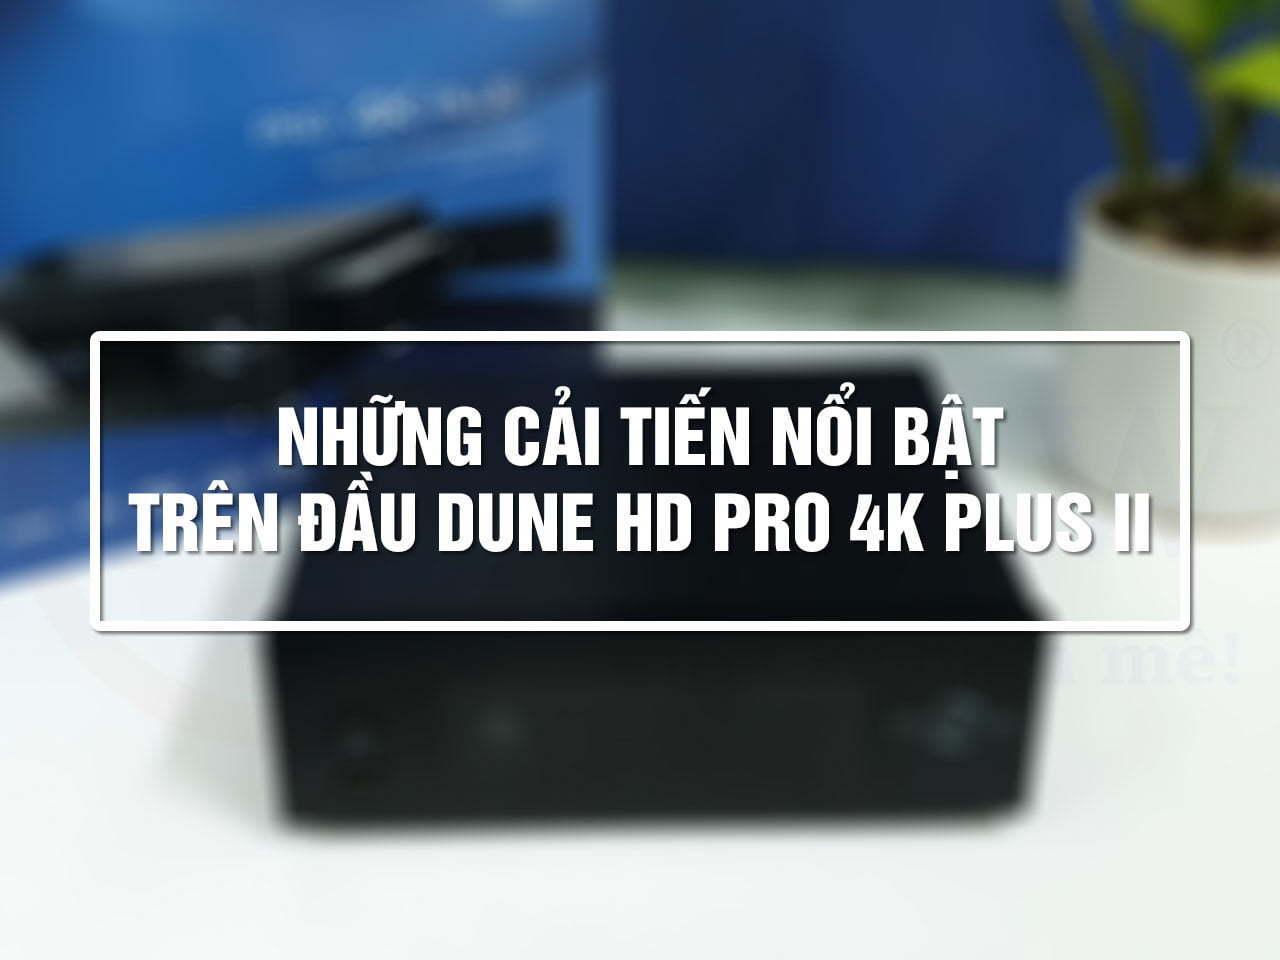 Những cải tiến nổi bật trên Đầu Dune HD Pro 4K Plus II | Dune HD Vietnam